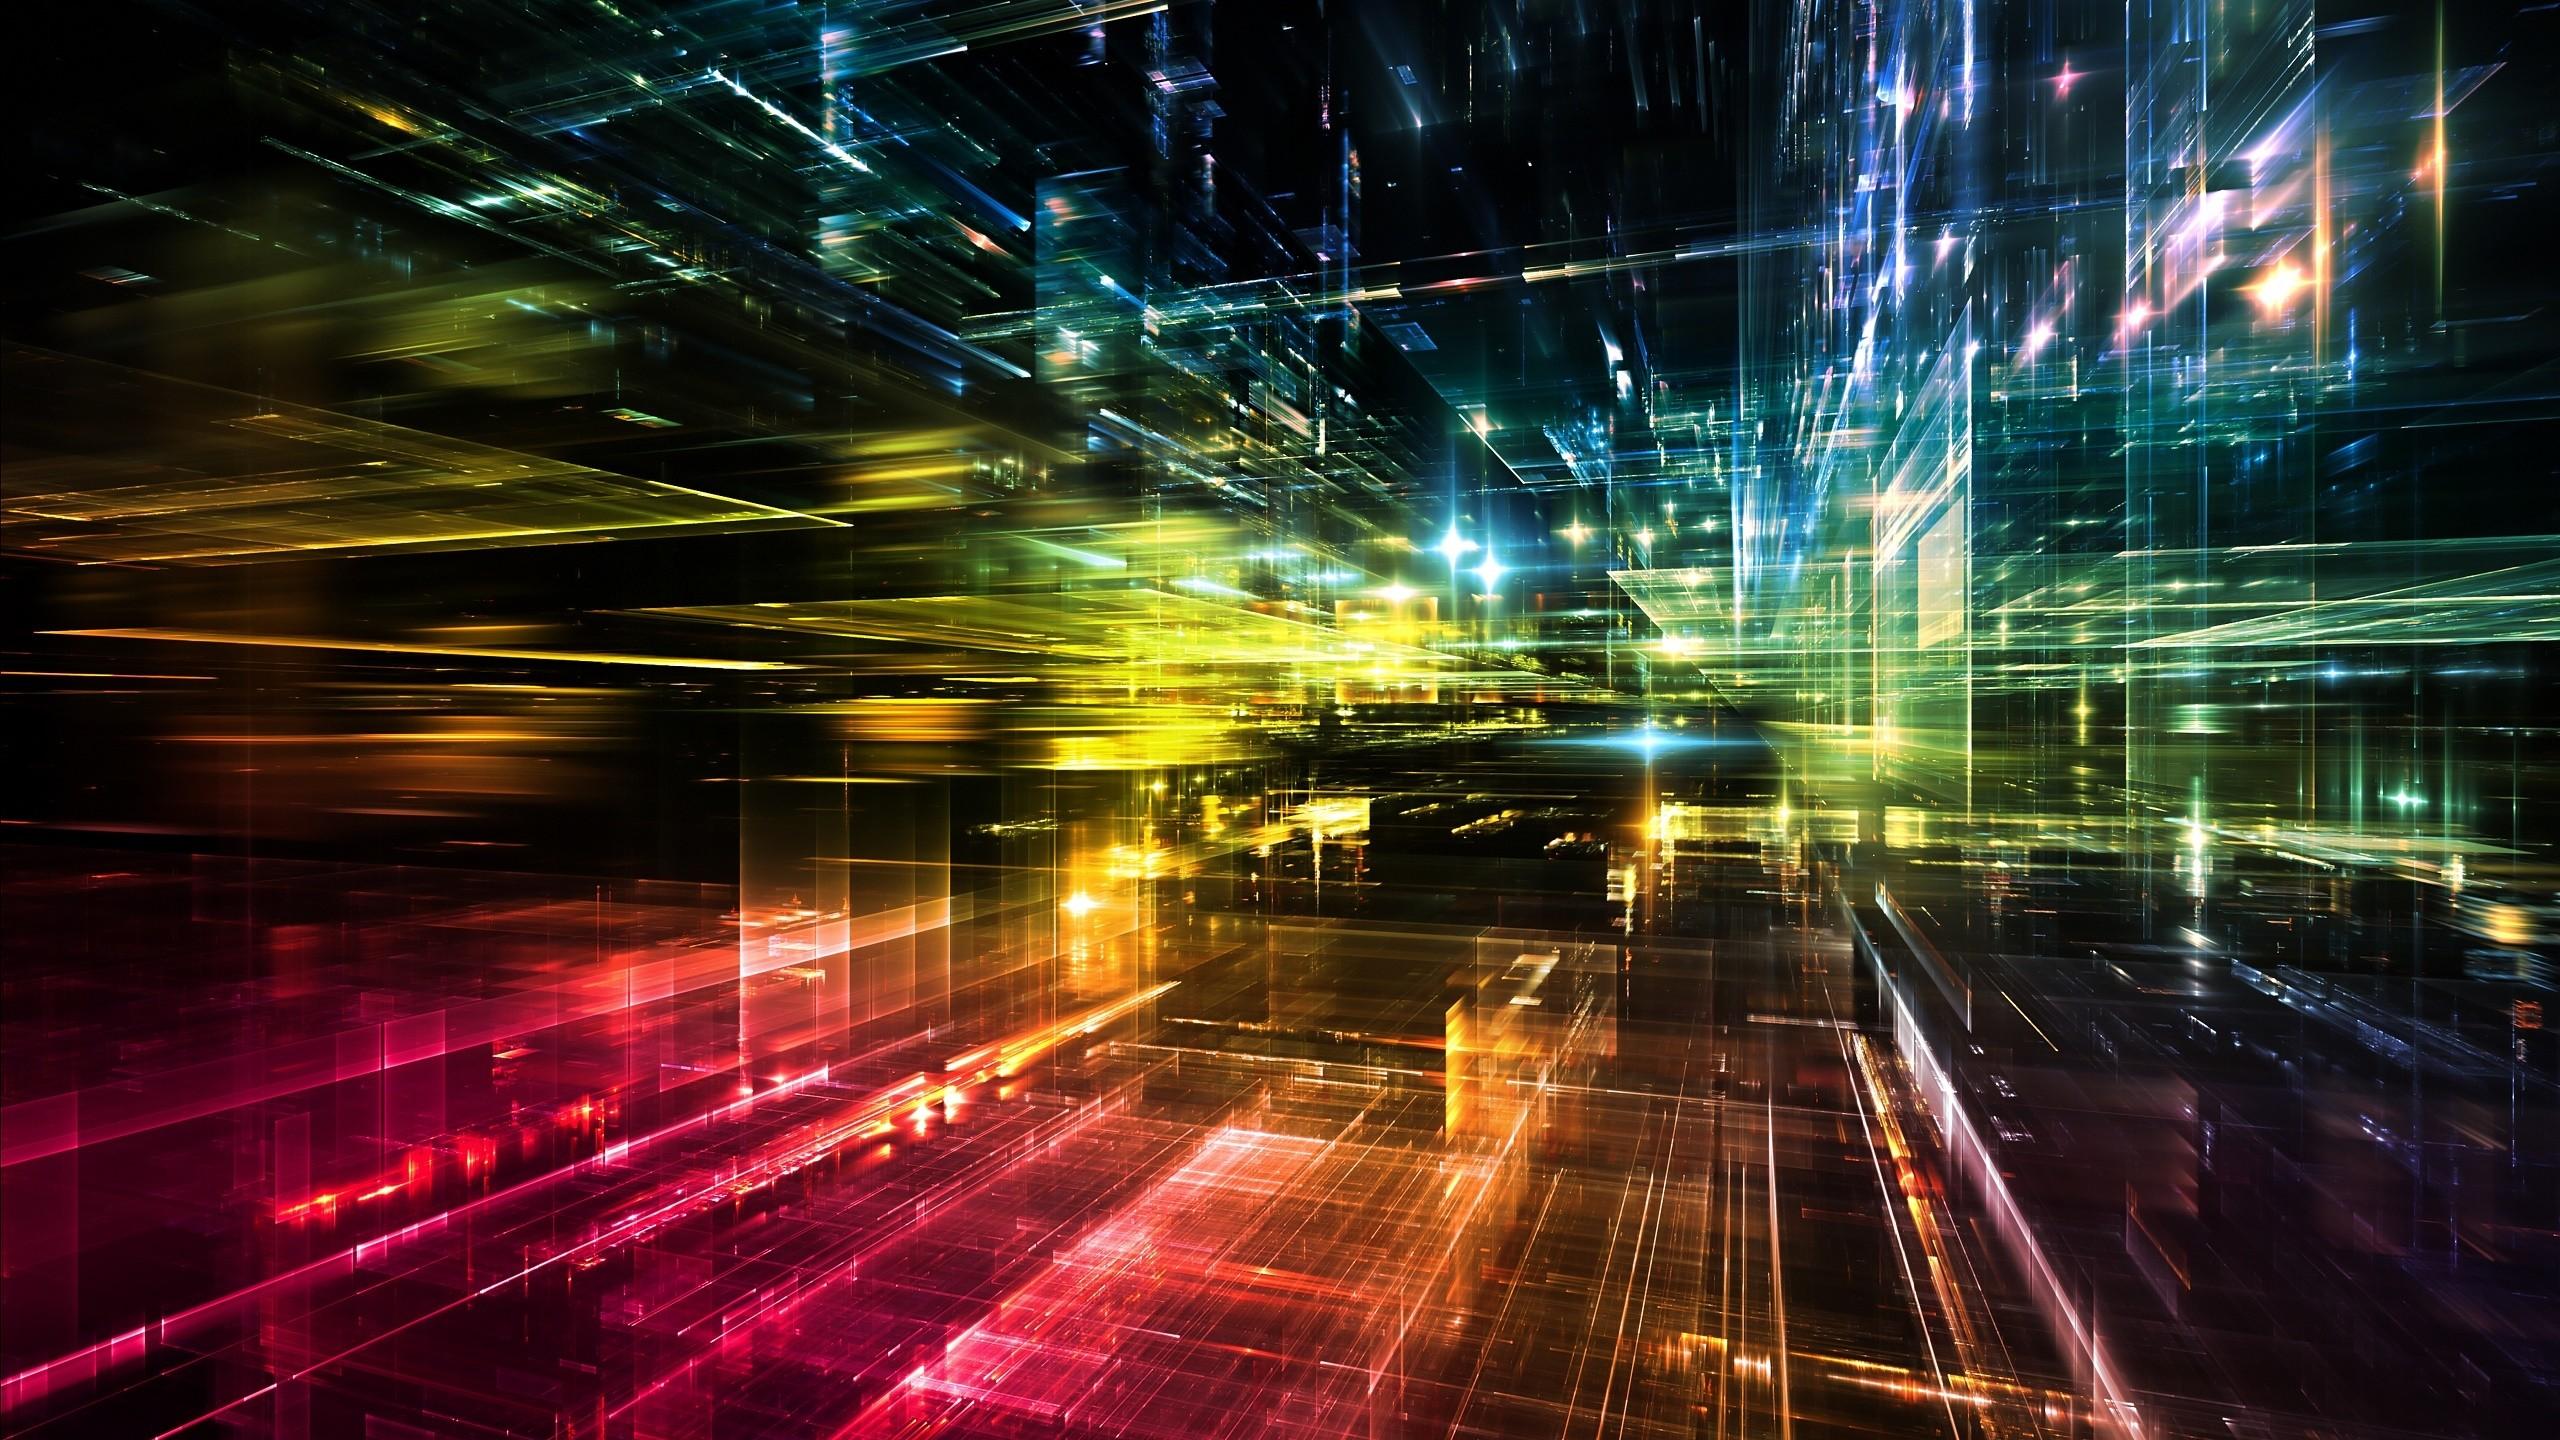 Wallpaper : colorful, city, cityscape, night, architecture ...